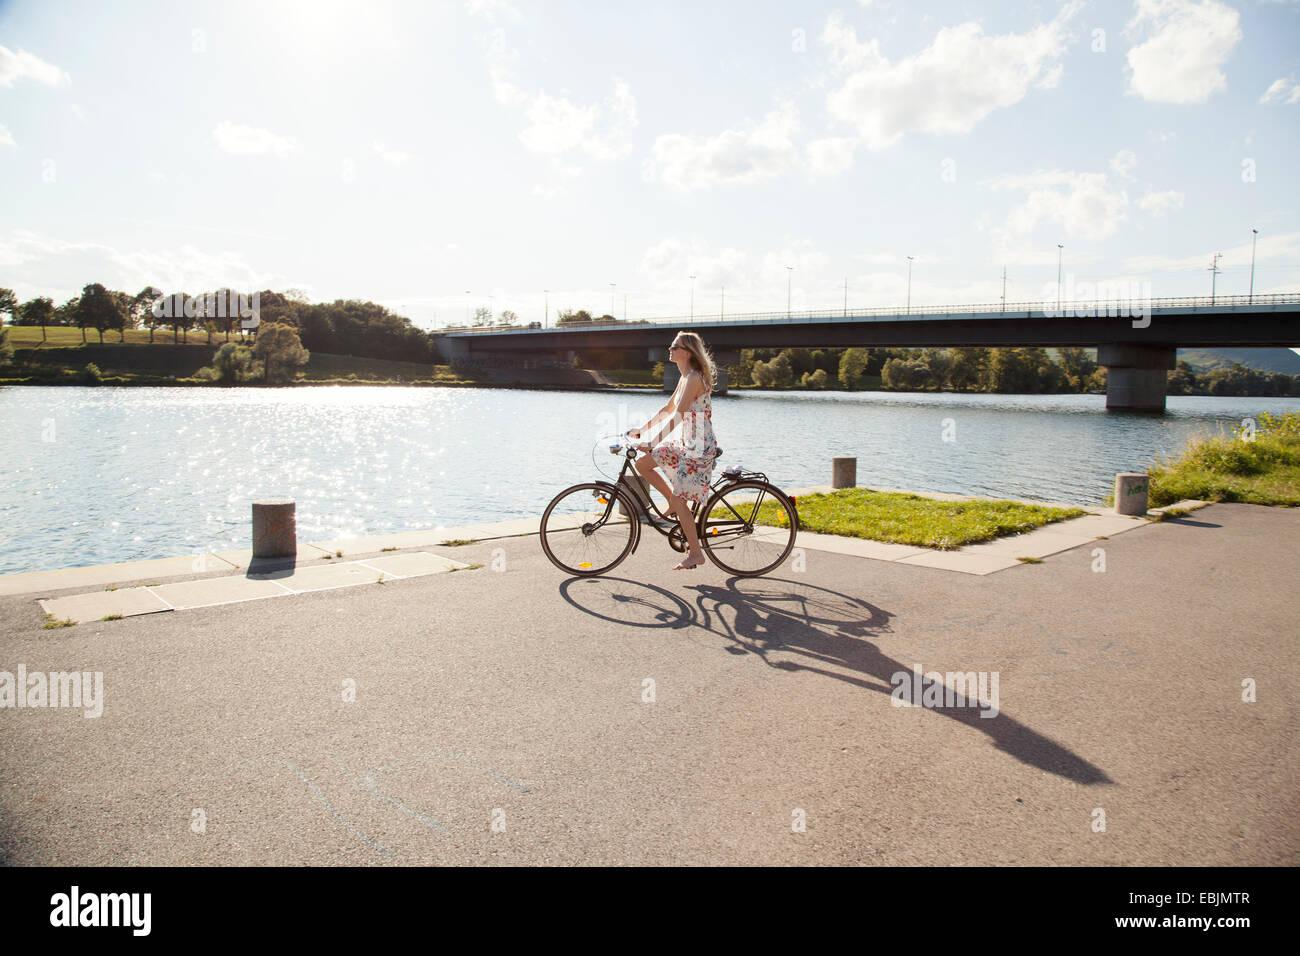 Junge Frau Radfahren am Flussufer, Donauinsel, Wien, Österreich Stockbild